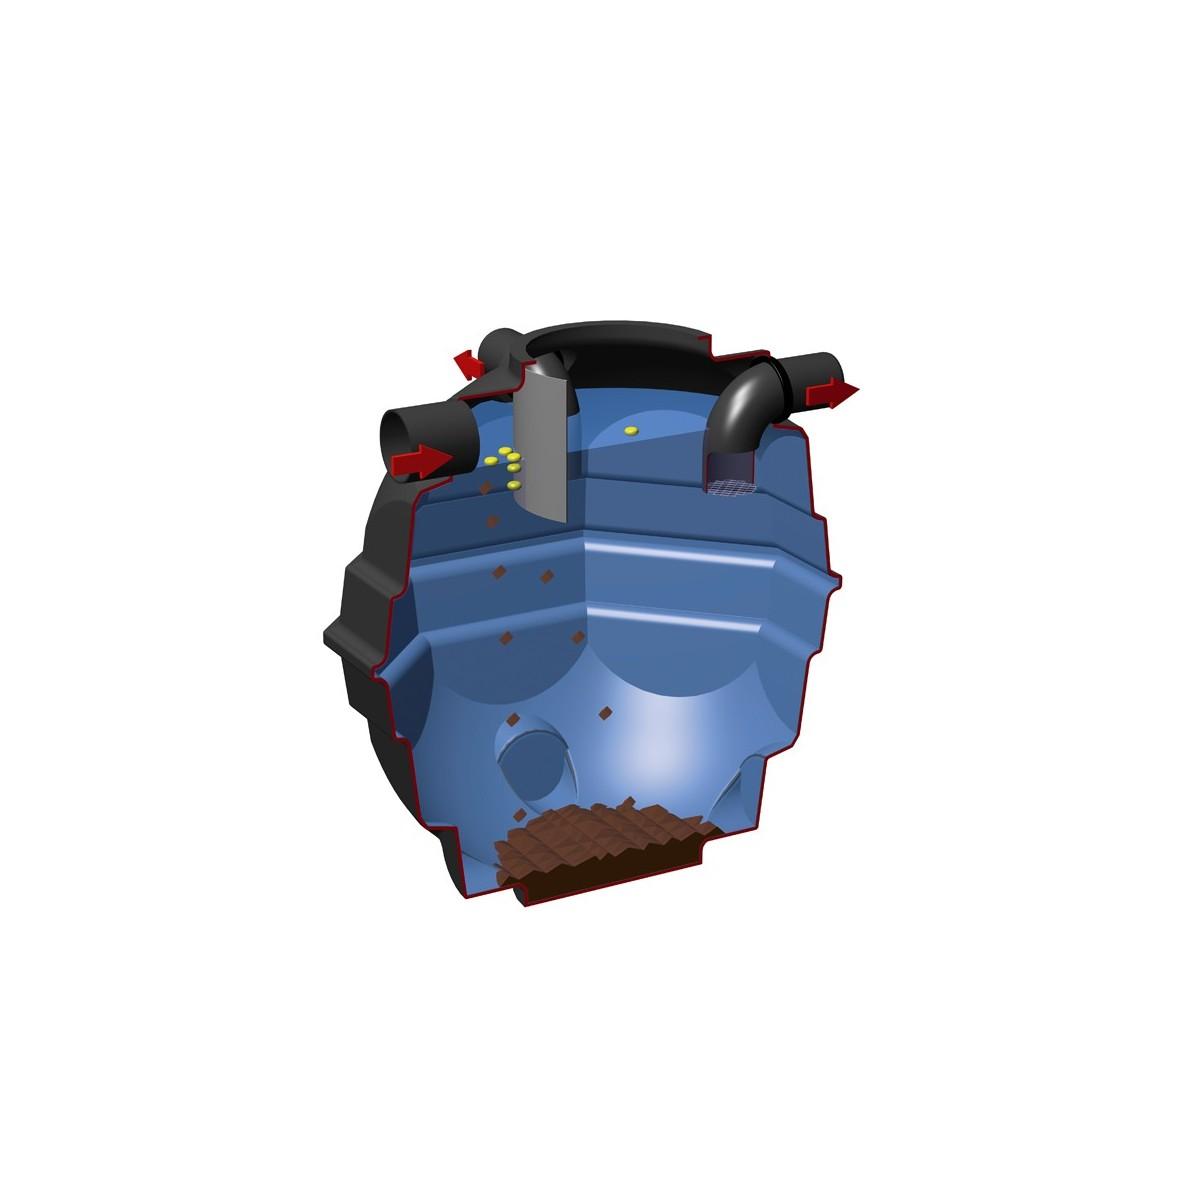 Filtr ziemny Maximus 1500, 3x odpływy DN150